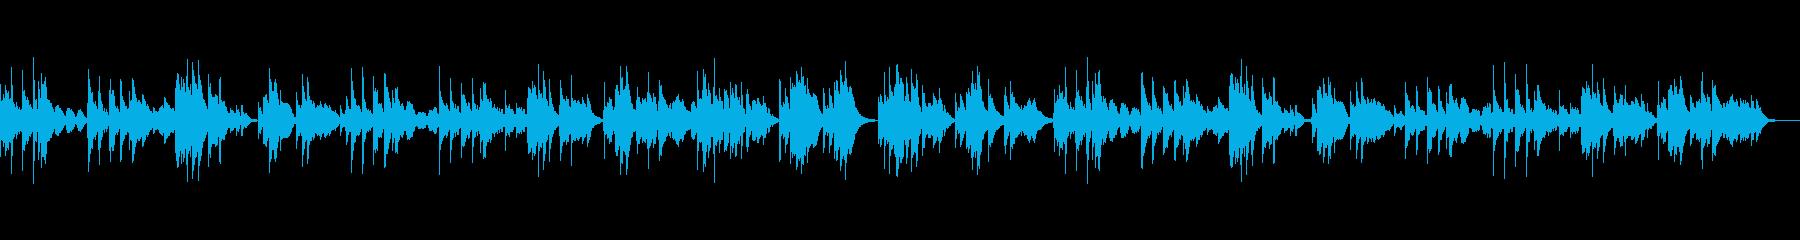 切ないハープのバラードの再生済みの波形